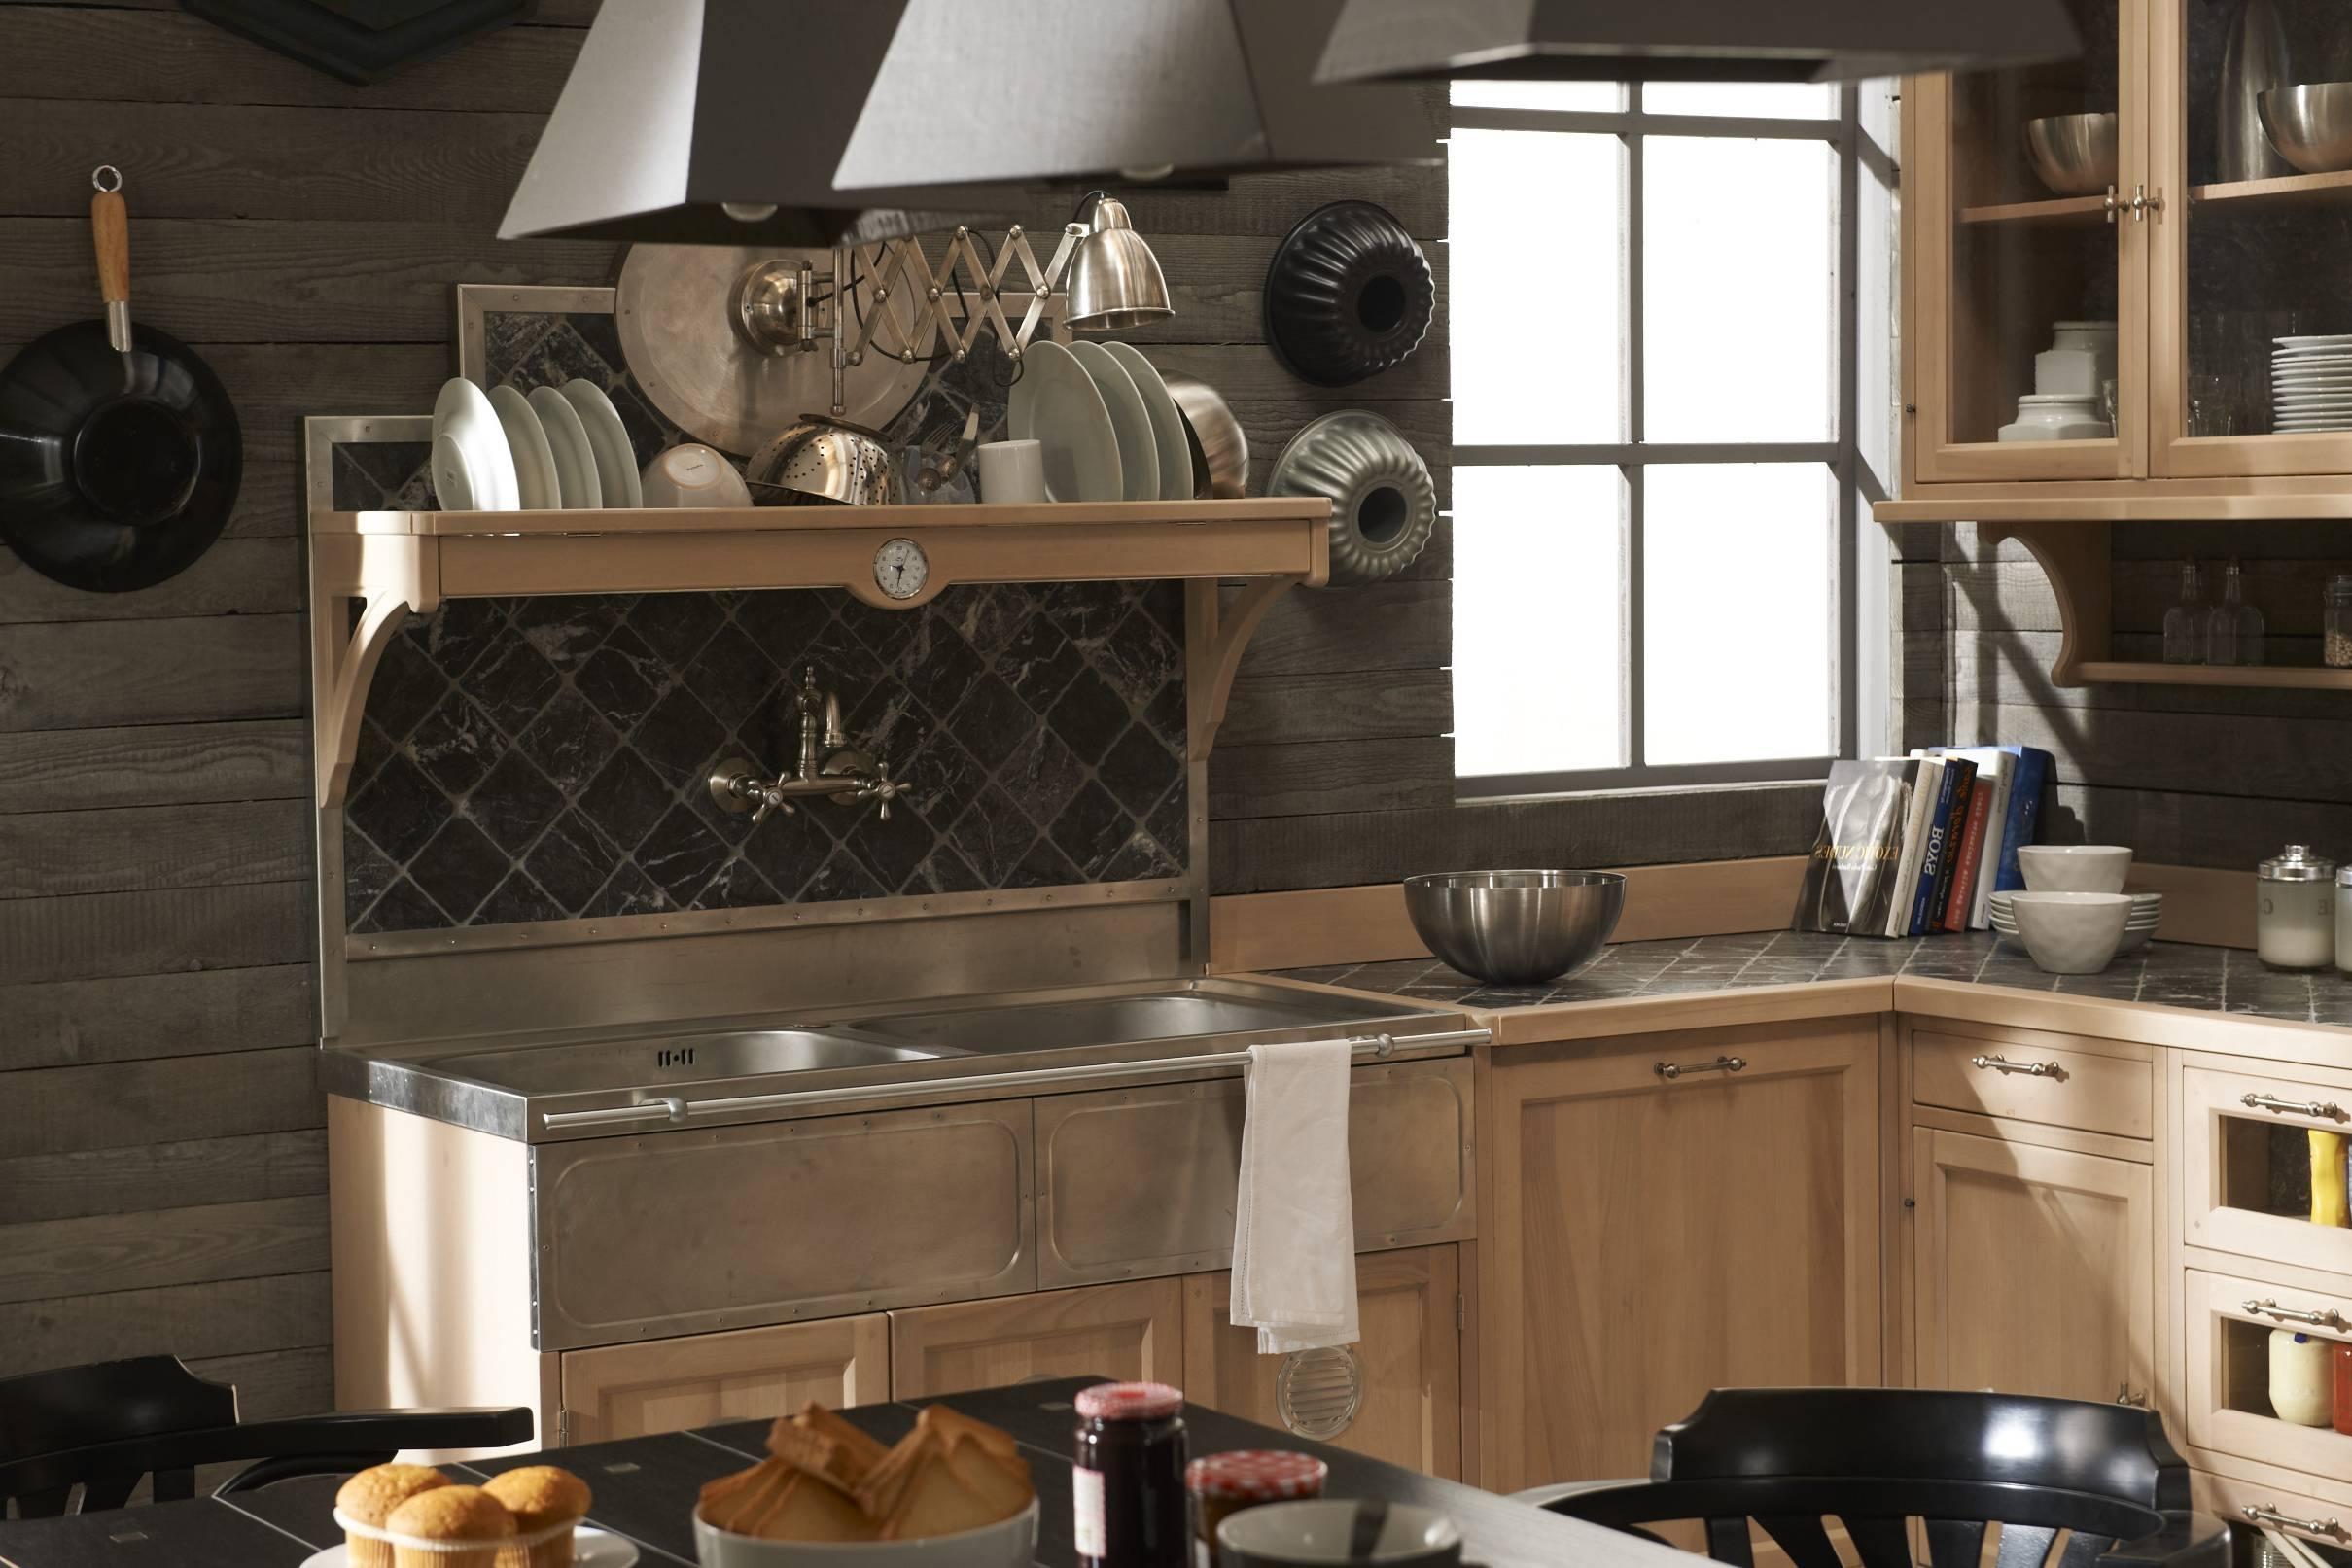 Marche di cucine excellent classifica delle migliori marche di cucine italiane madgeweb com con - Le migliori cucine italiane ...